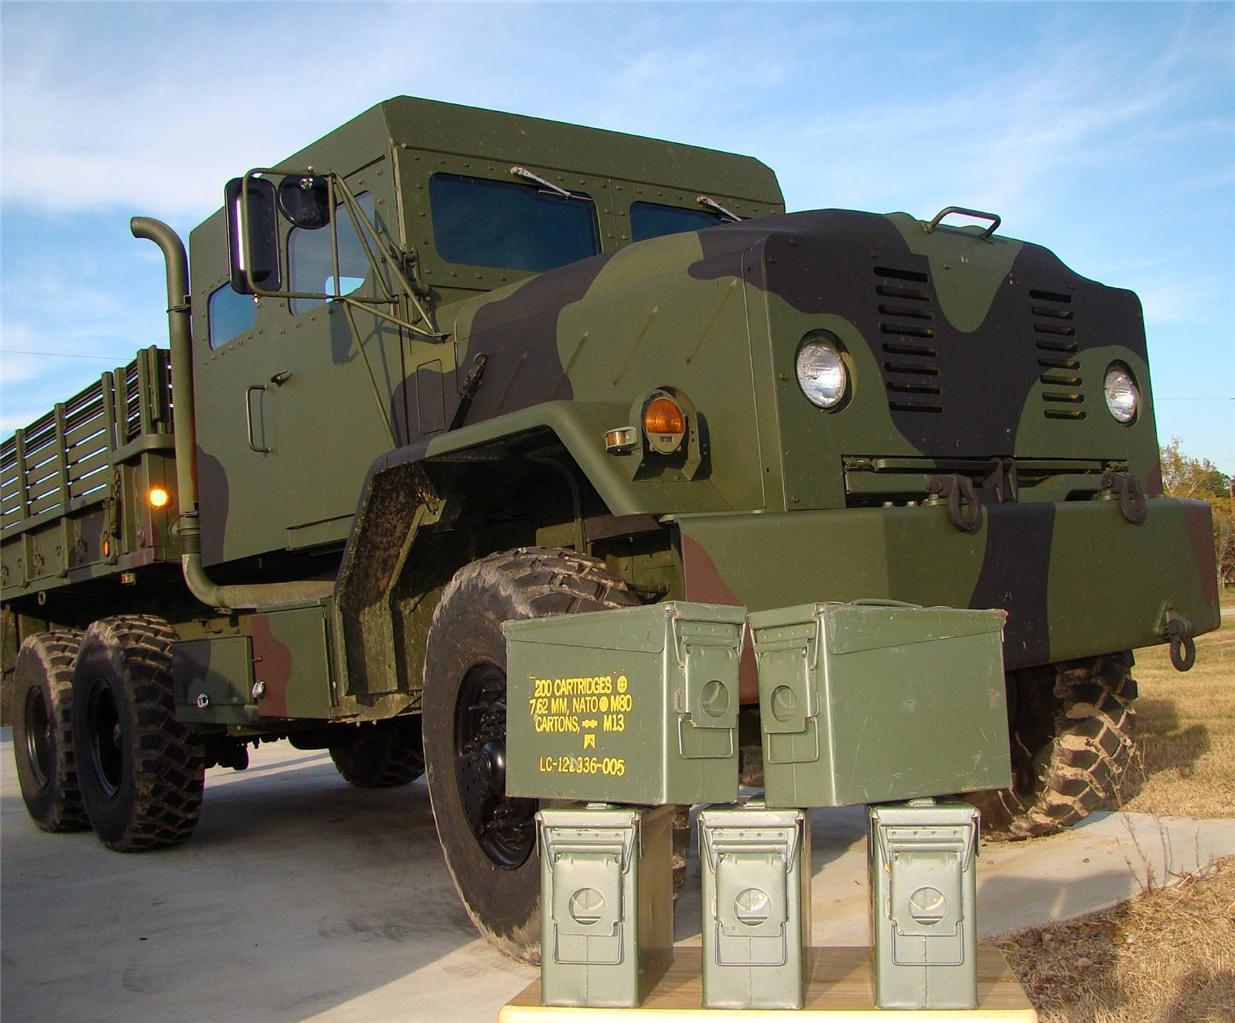 Lote De 5 municiones Latas 30 Calibre 200 Cartucho 7,62 mm Supervivencia Zombie Apocalypse